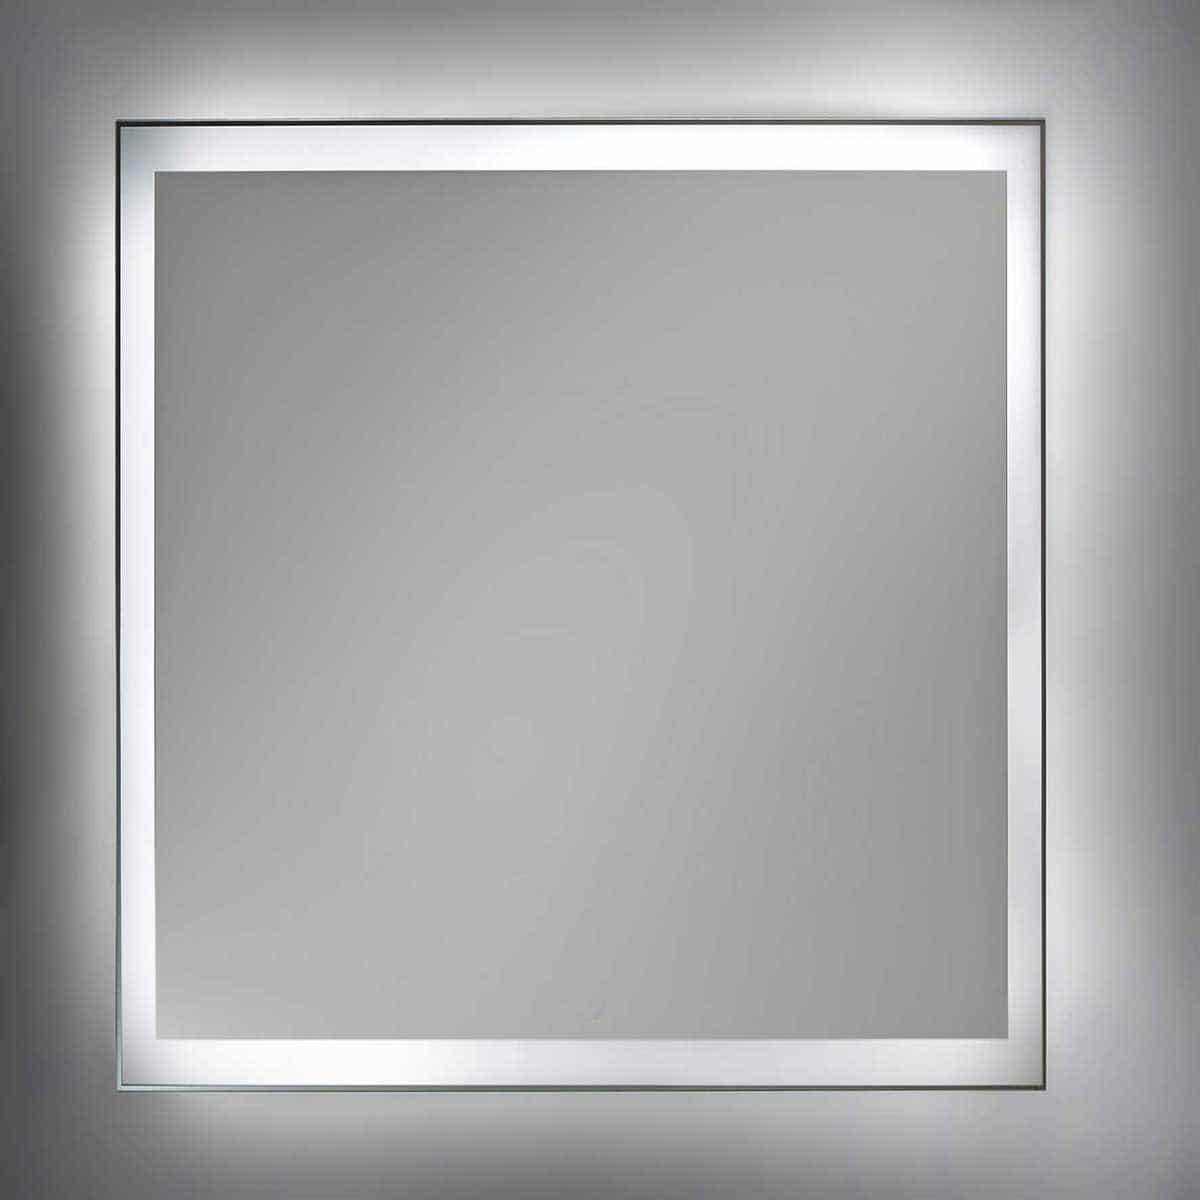 milano badspiegel led beleuchtet 140x70 cm badspiegel beleuchtet nach ma. Black Bedroom Furniture Sets. Home Design Ideas